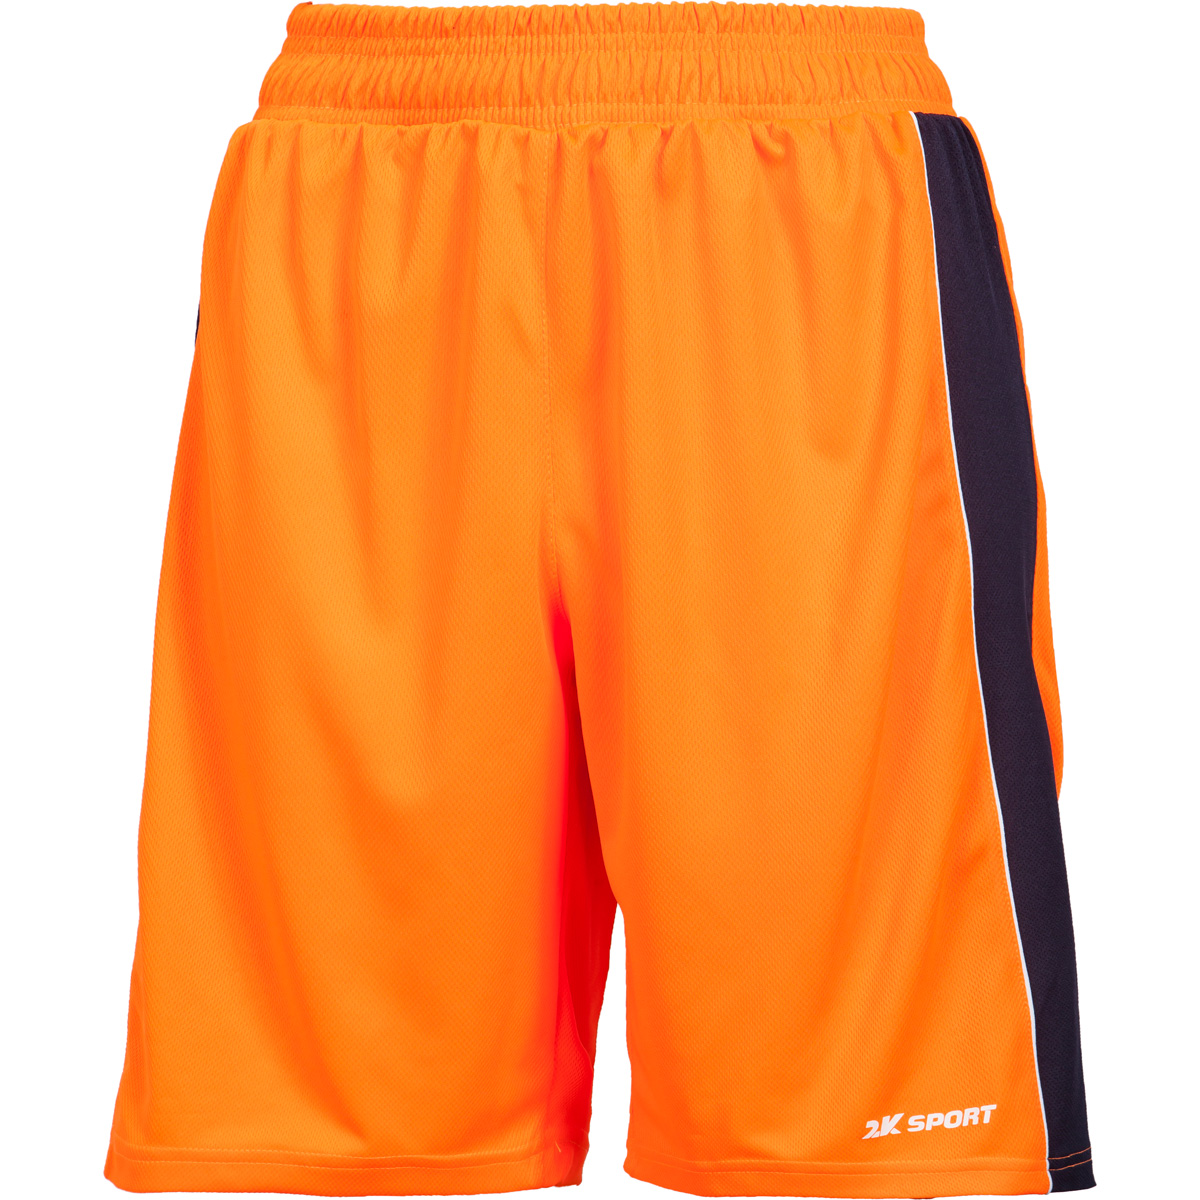 Шорты баскетбольные женские 2K Sport Advance, цвет: оранжевый, темно-синий, белый. 130033. Размер M (44/46) - Баскетбол